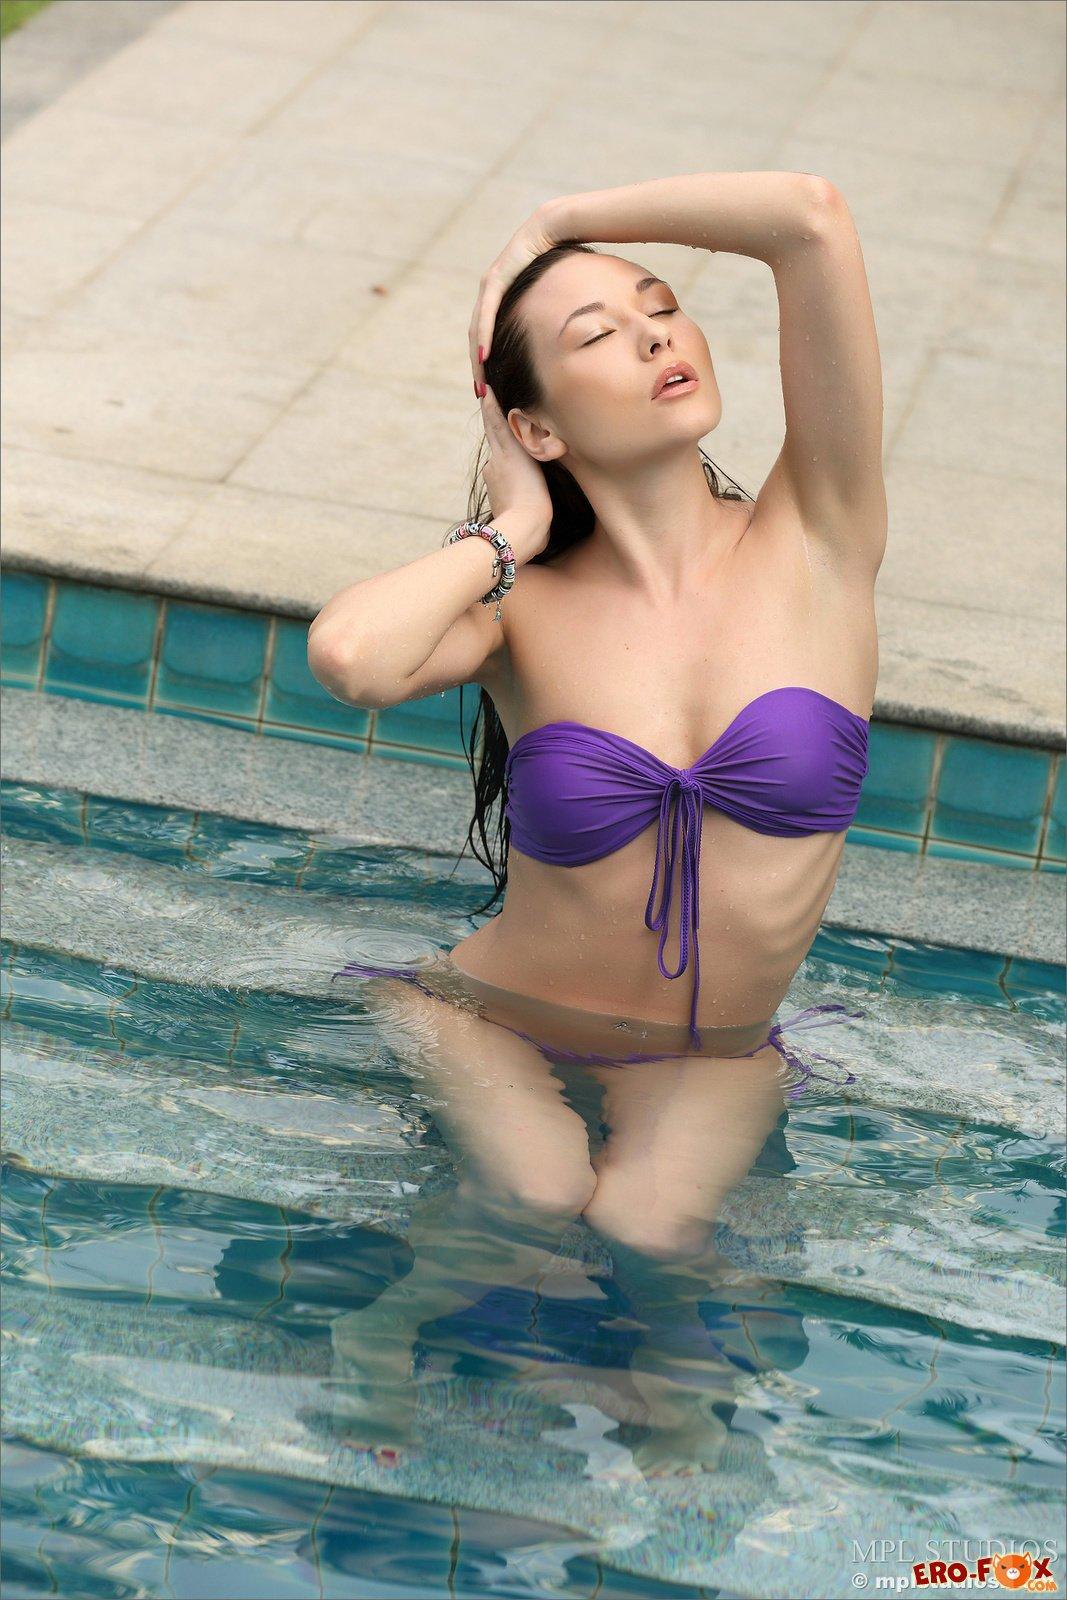 Брюнетка сняла купальник в бассейне